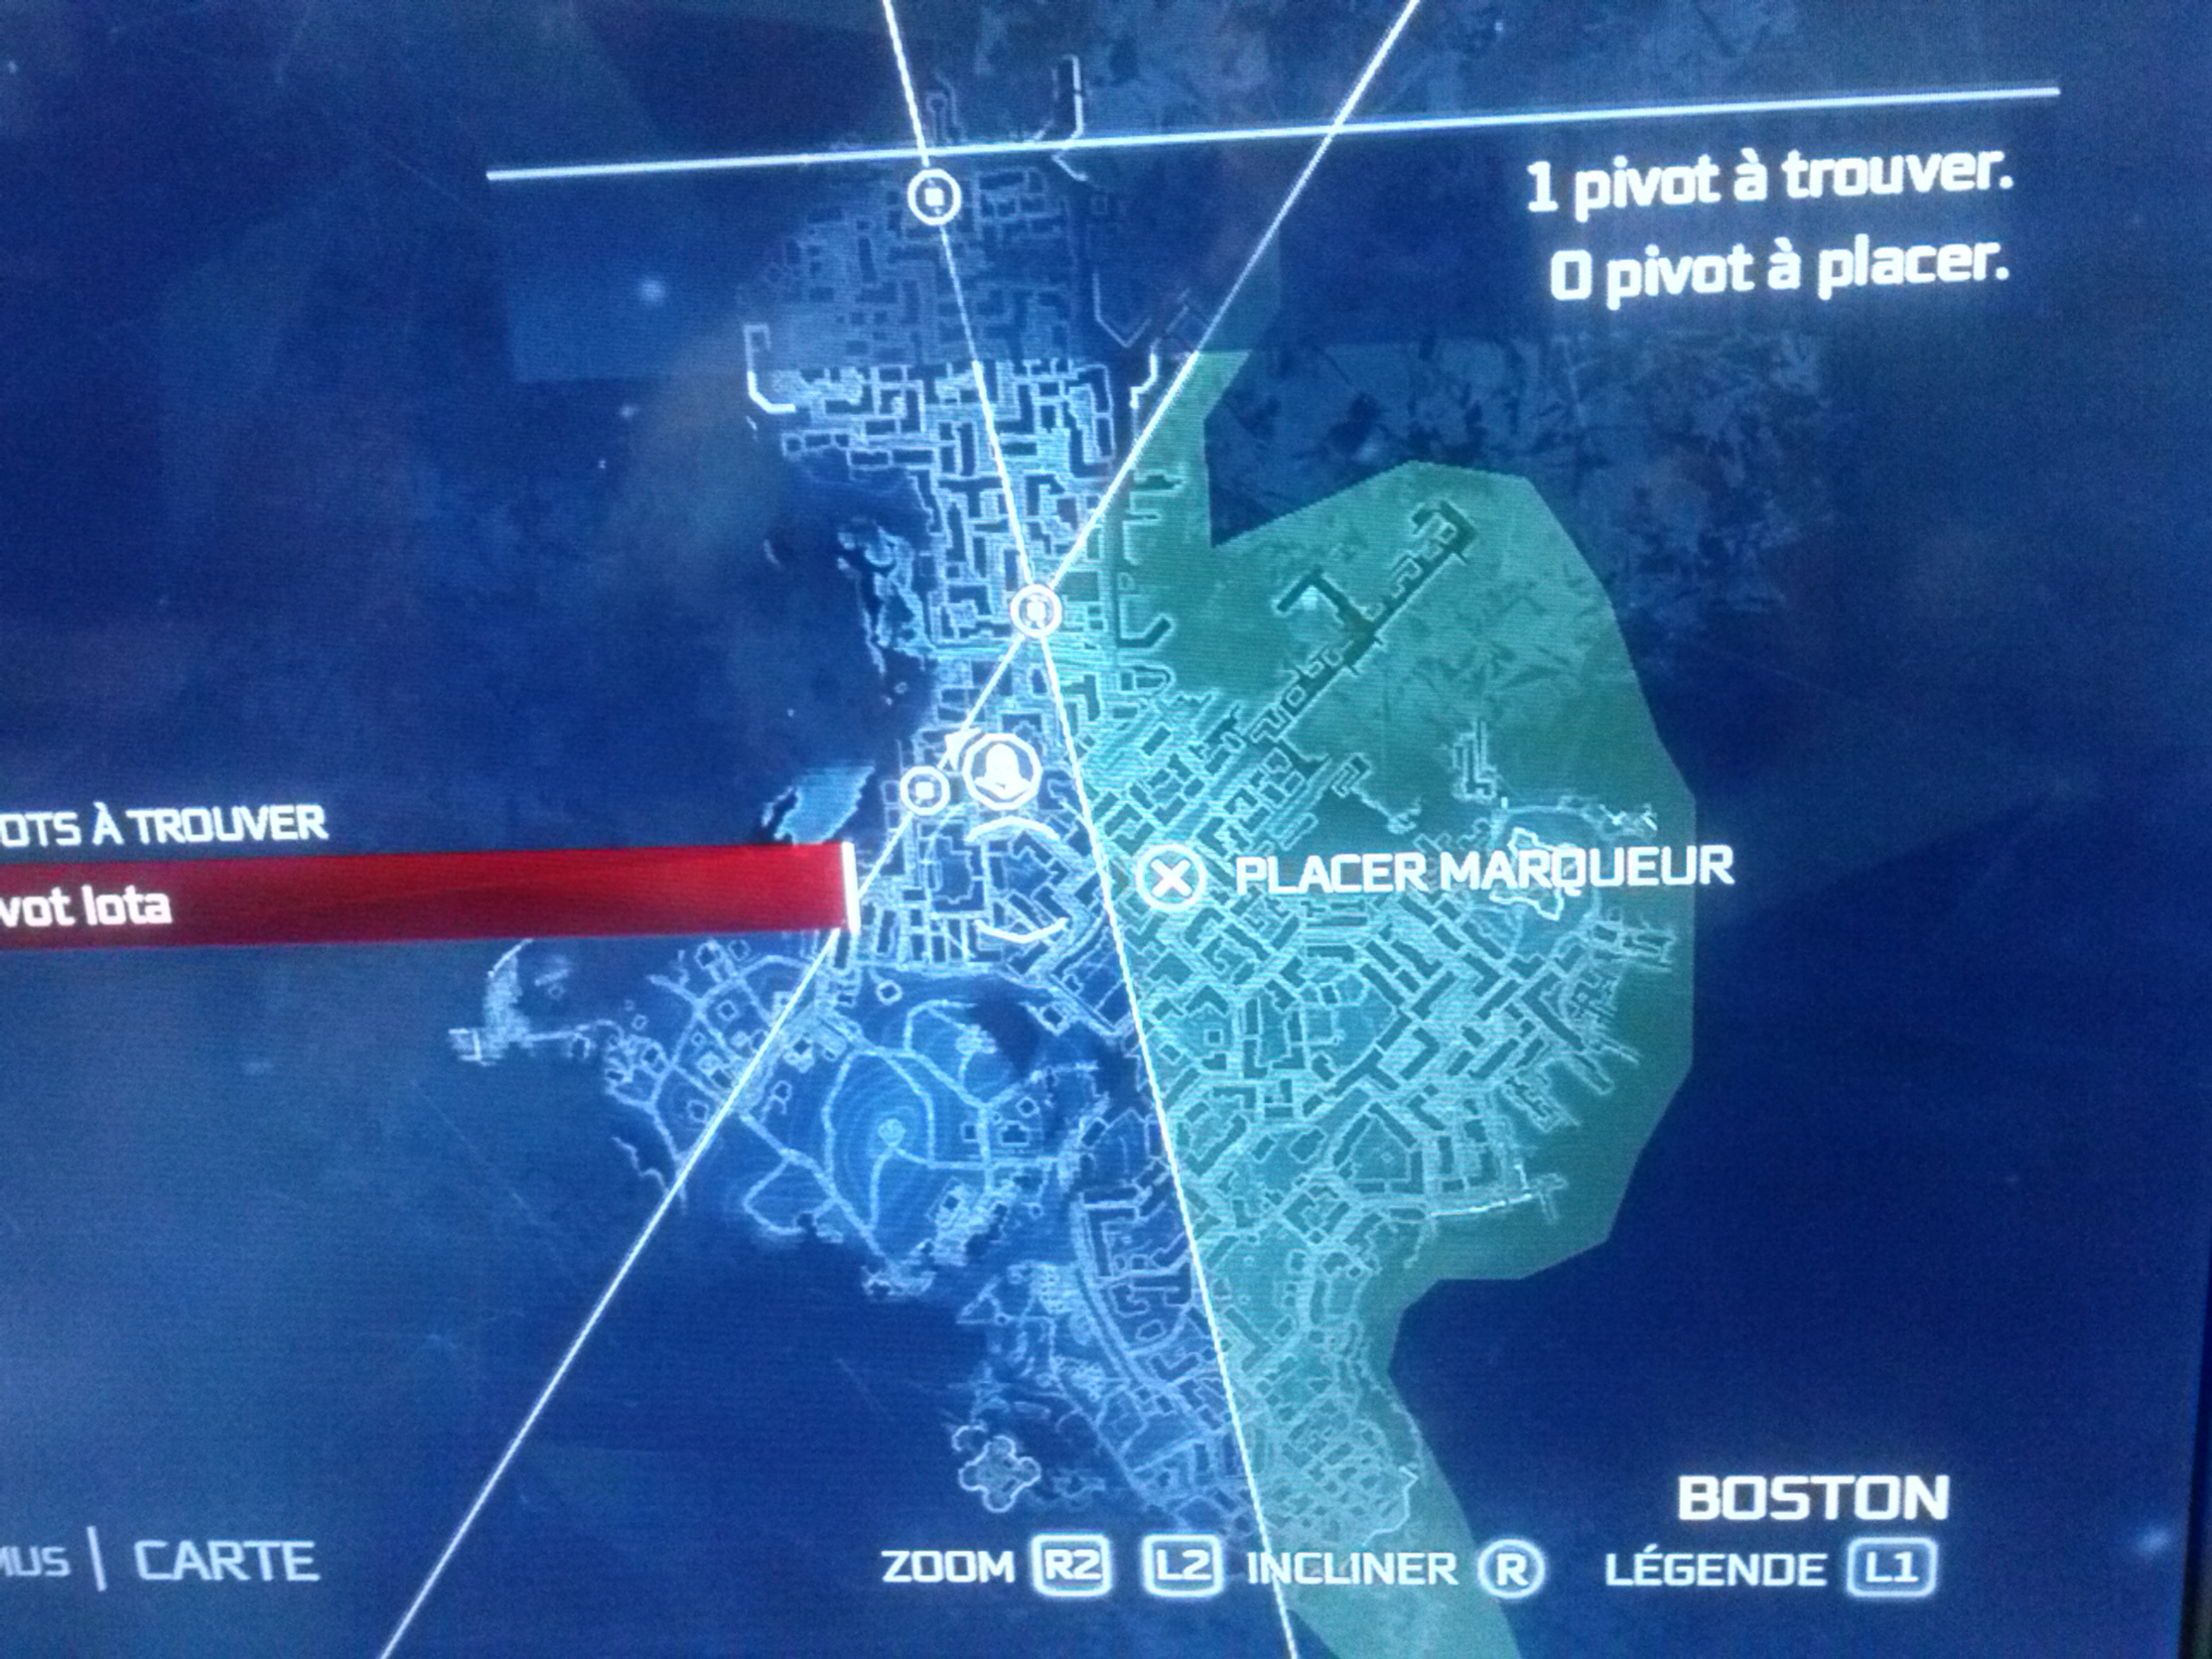 assassins creed 3 pivot locations map boston